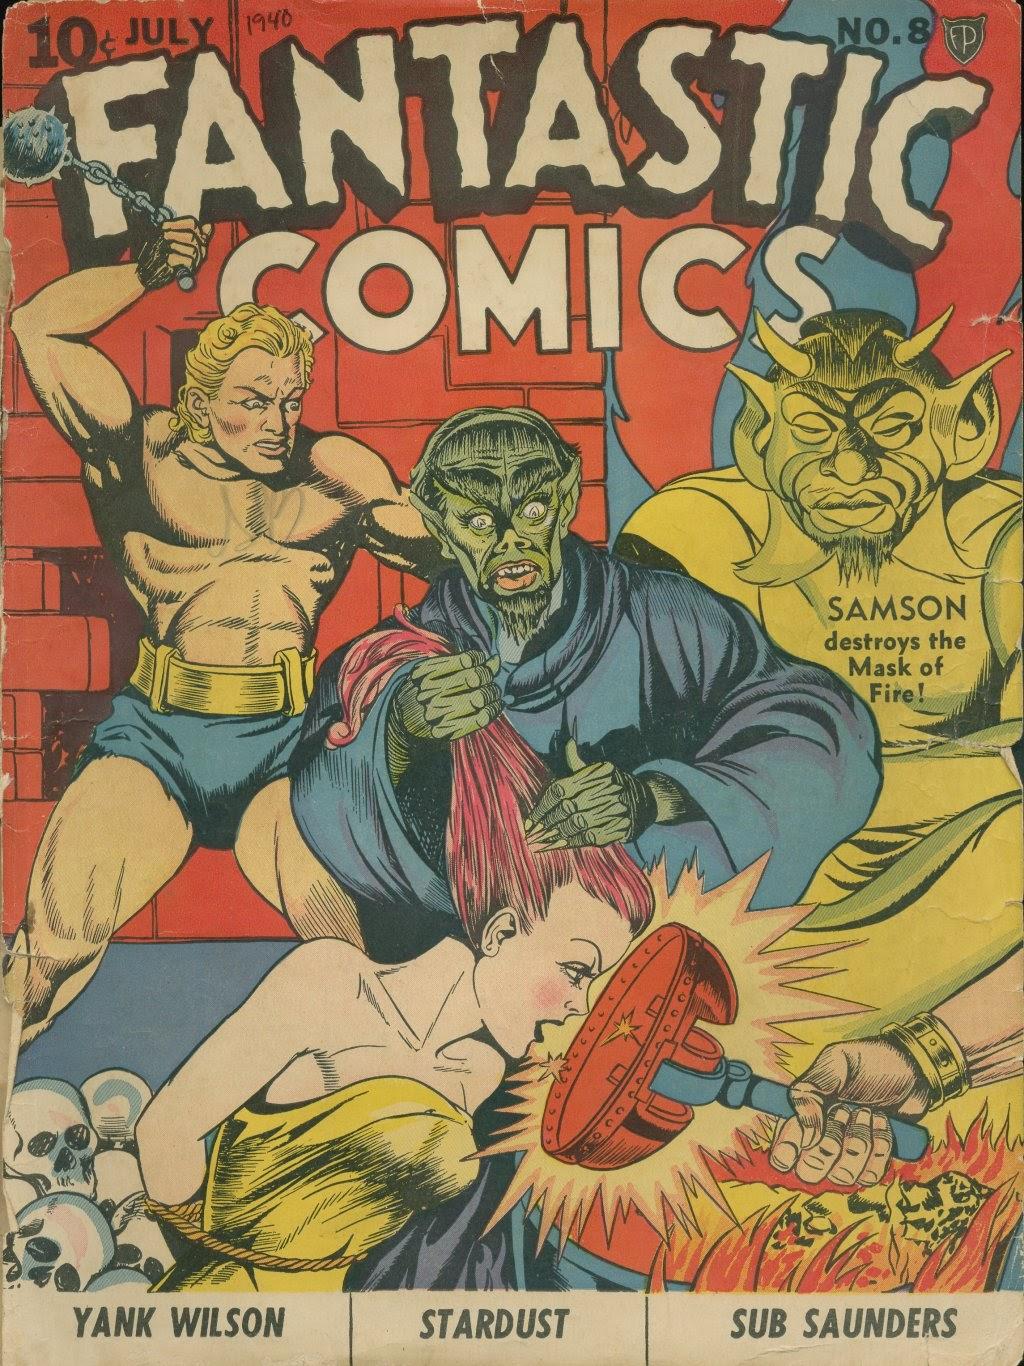 Fantastic Comics 8 Page 1